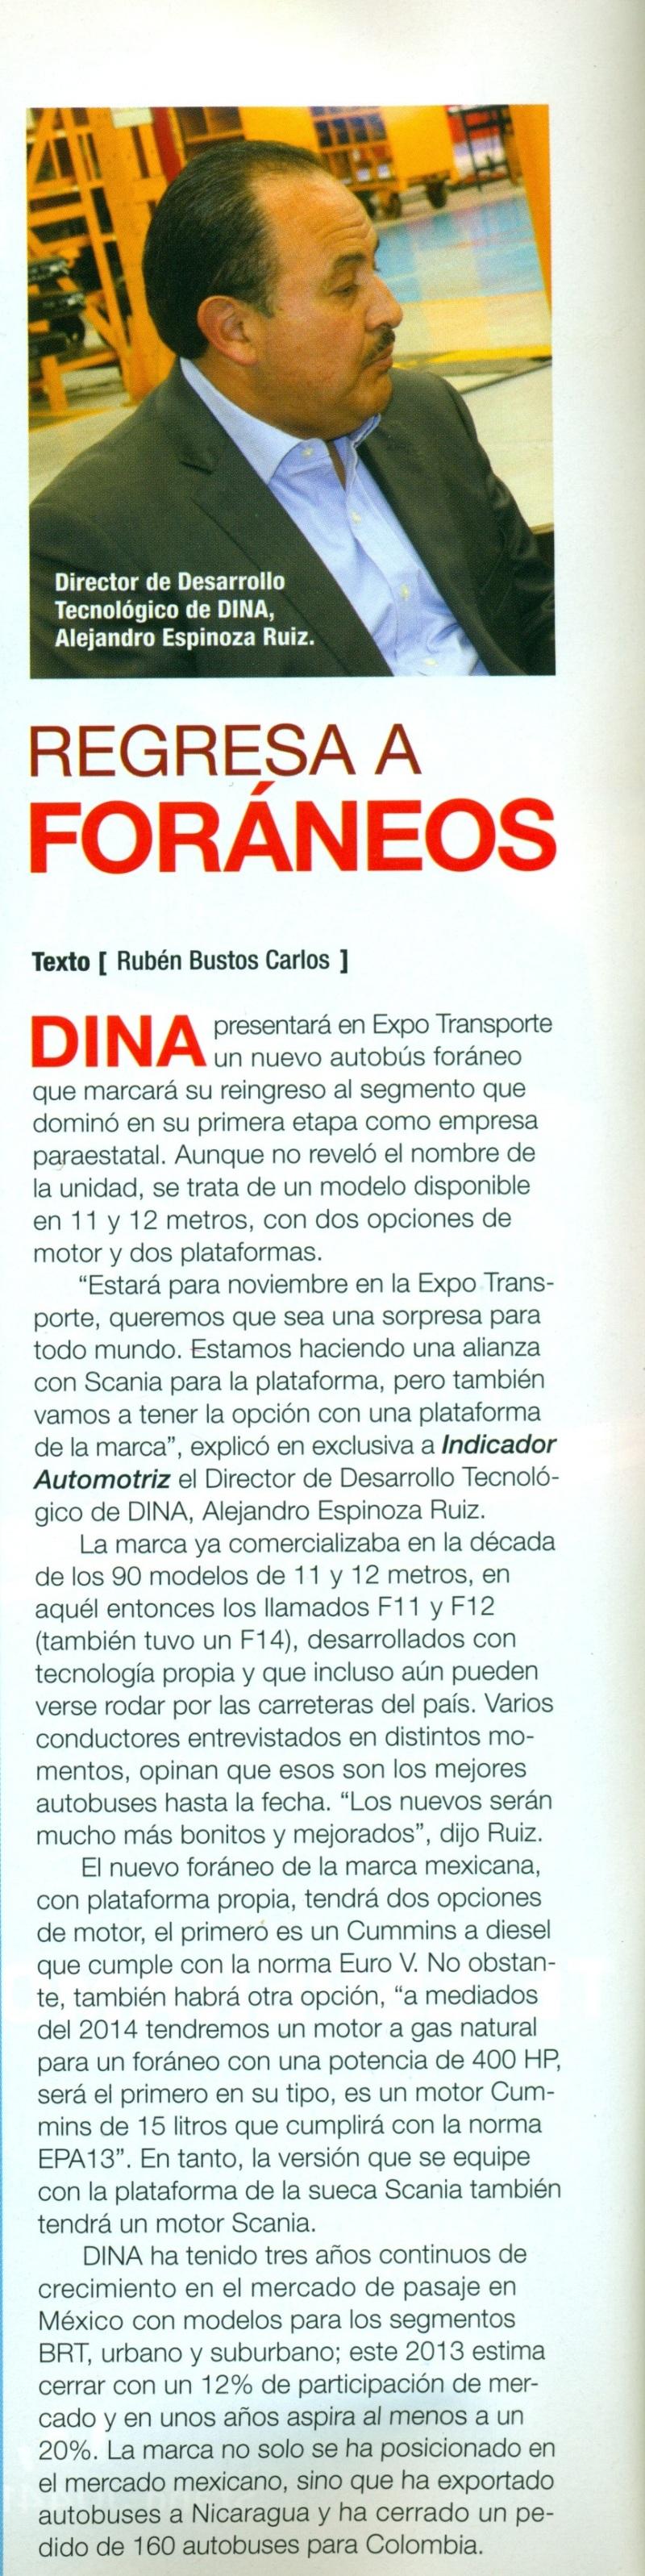 Revista %22Indicador Automotriz%22 Noviembre 2013 Pag. 50